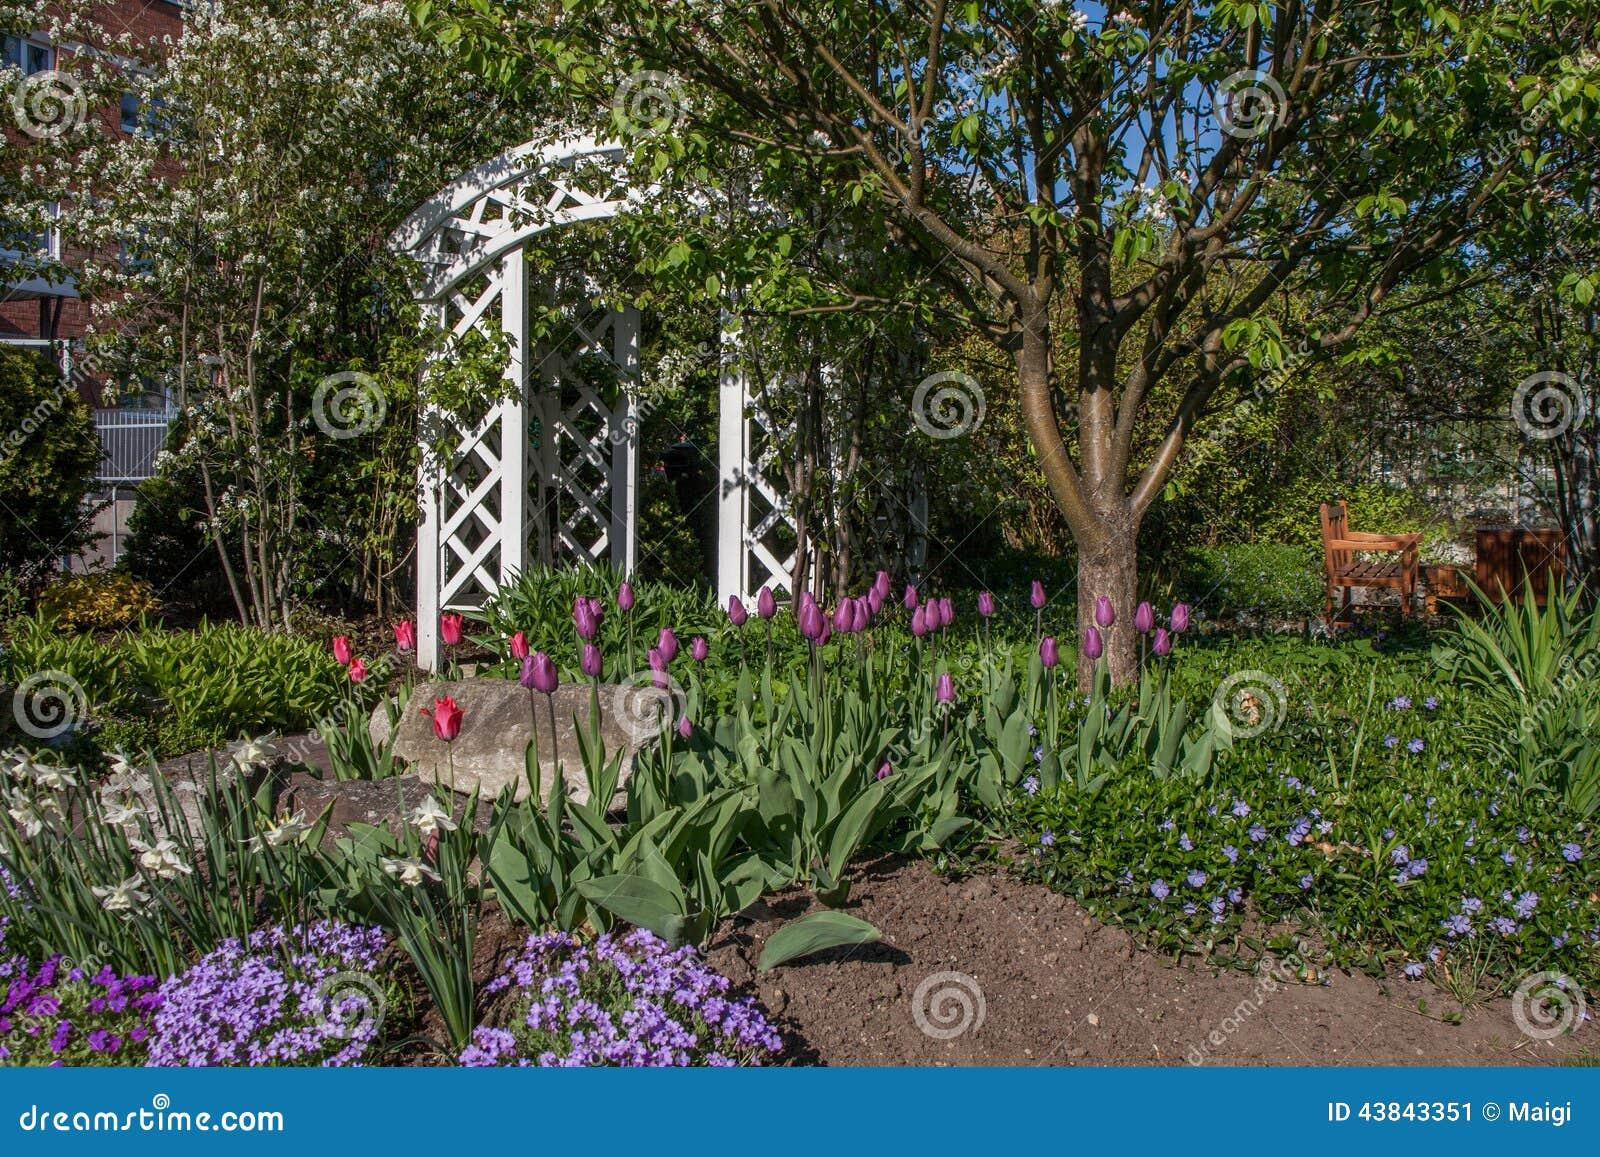 Download Beautiful Garden stock image. Image of blooming, garden - 43843351